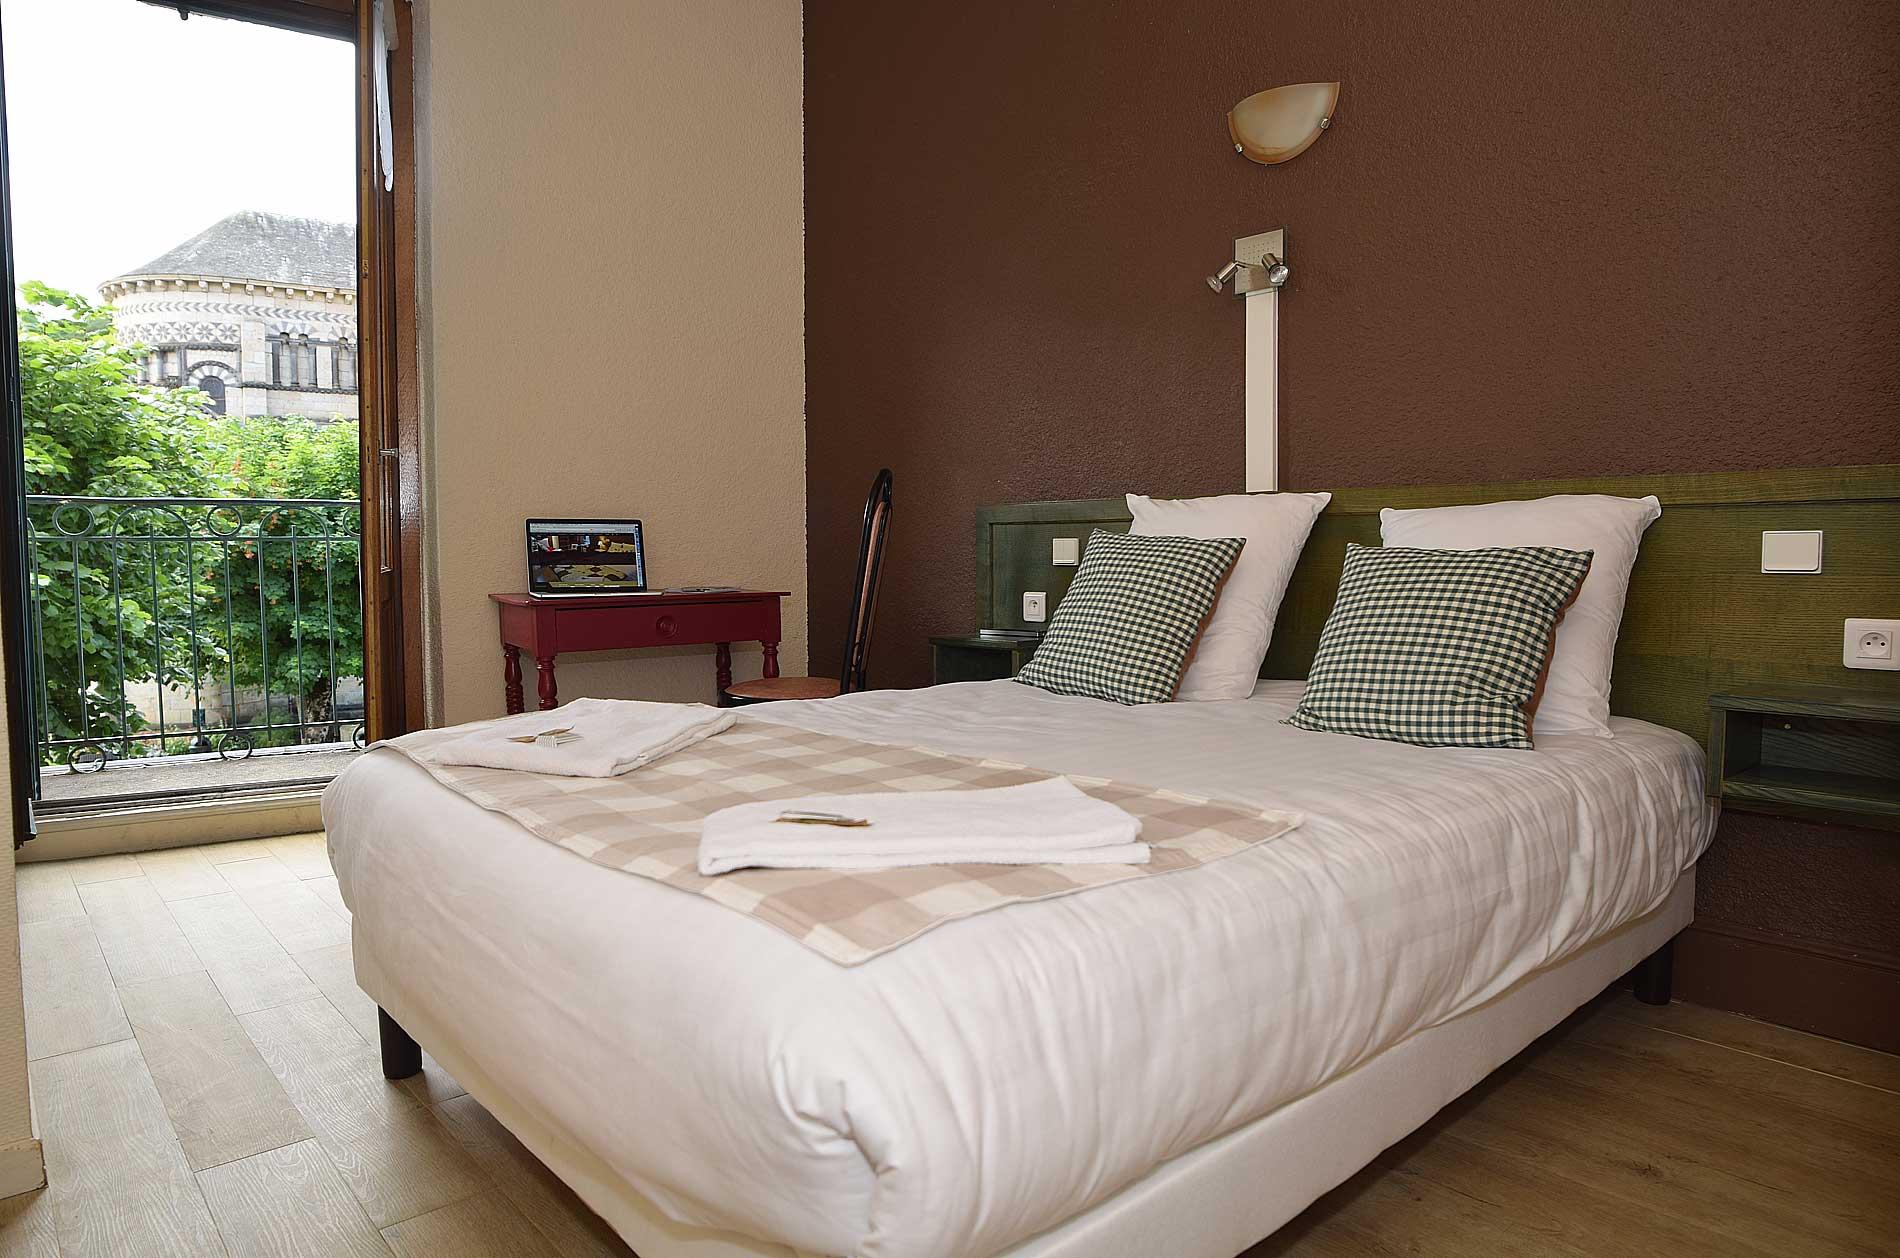 chambre standard hotel le gen ve. Black Bedroom Furniture Sets. Home Design Ideas